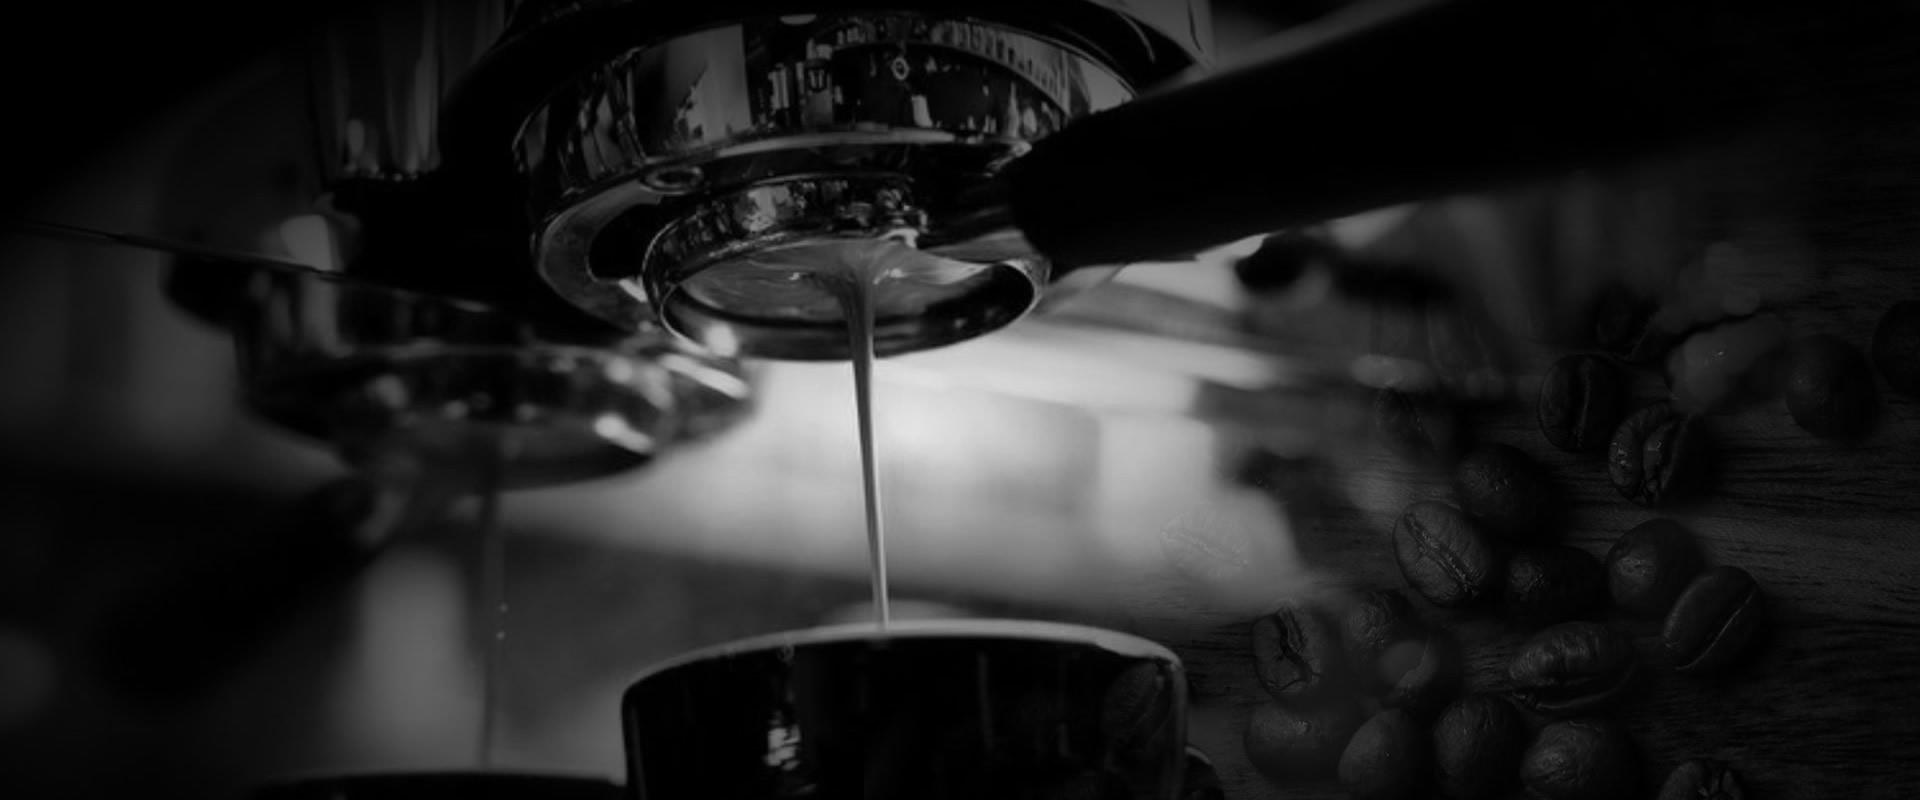 Naprawa ekspresów do kawy w Gdańsku